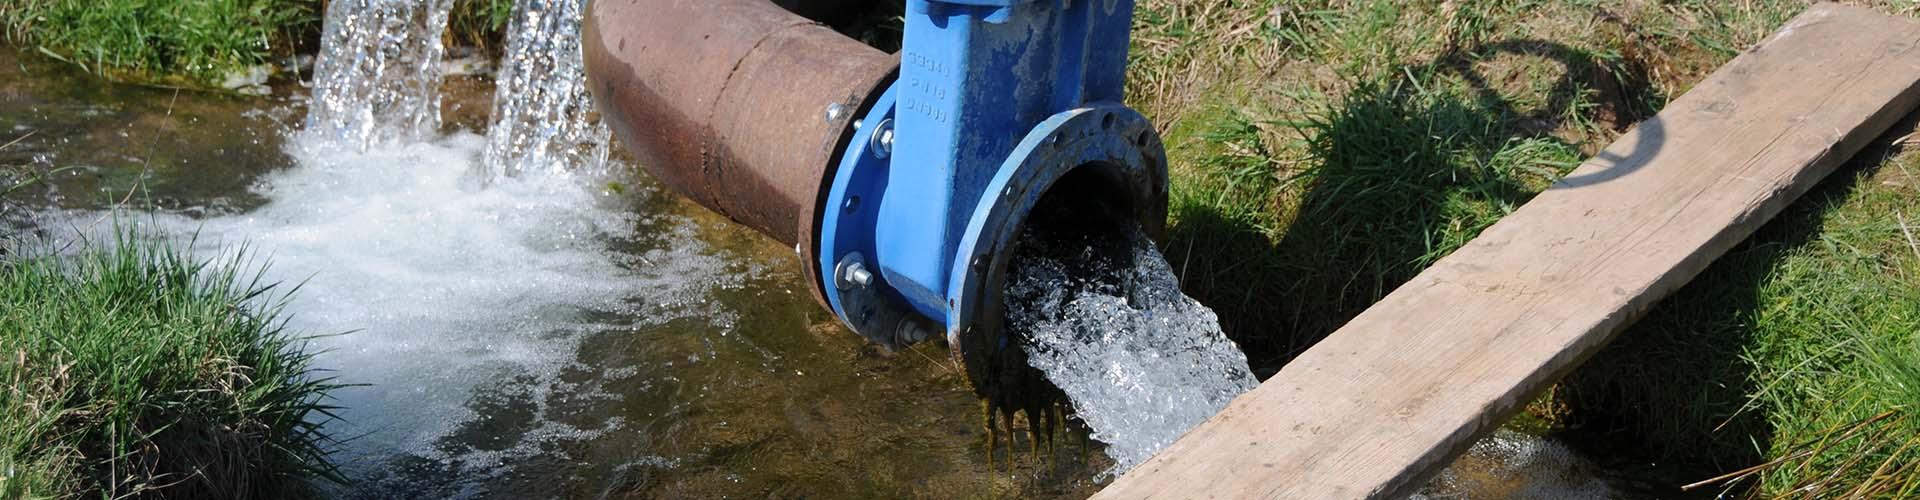 Osuszanie terenu (drenaż), odprowadzenie wody, studnia drenarska